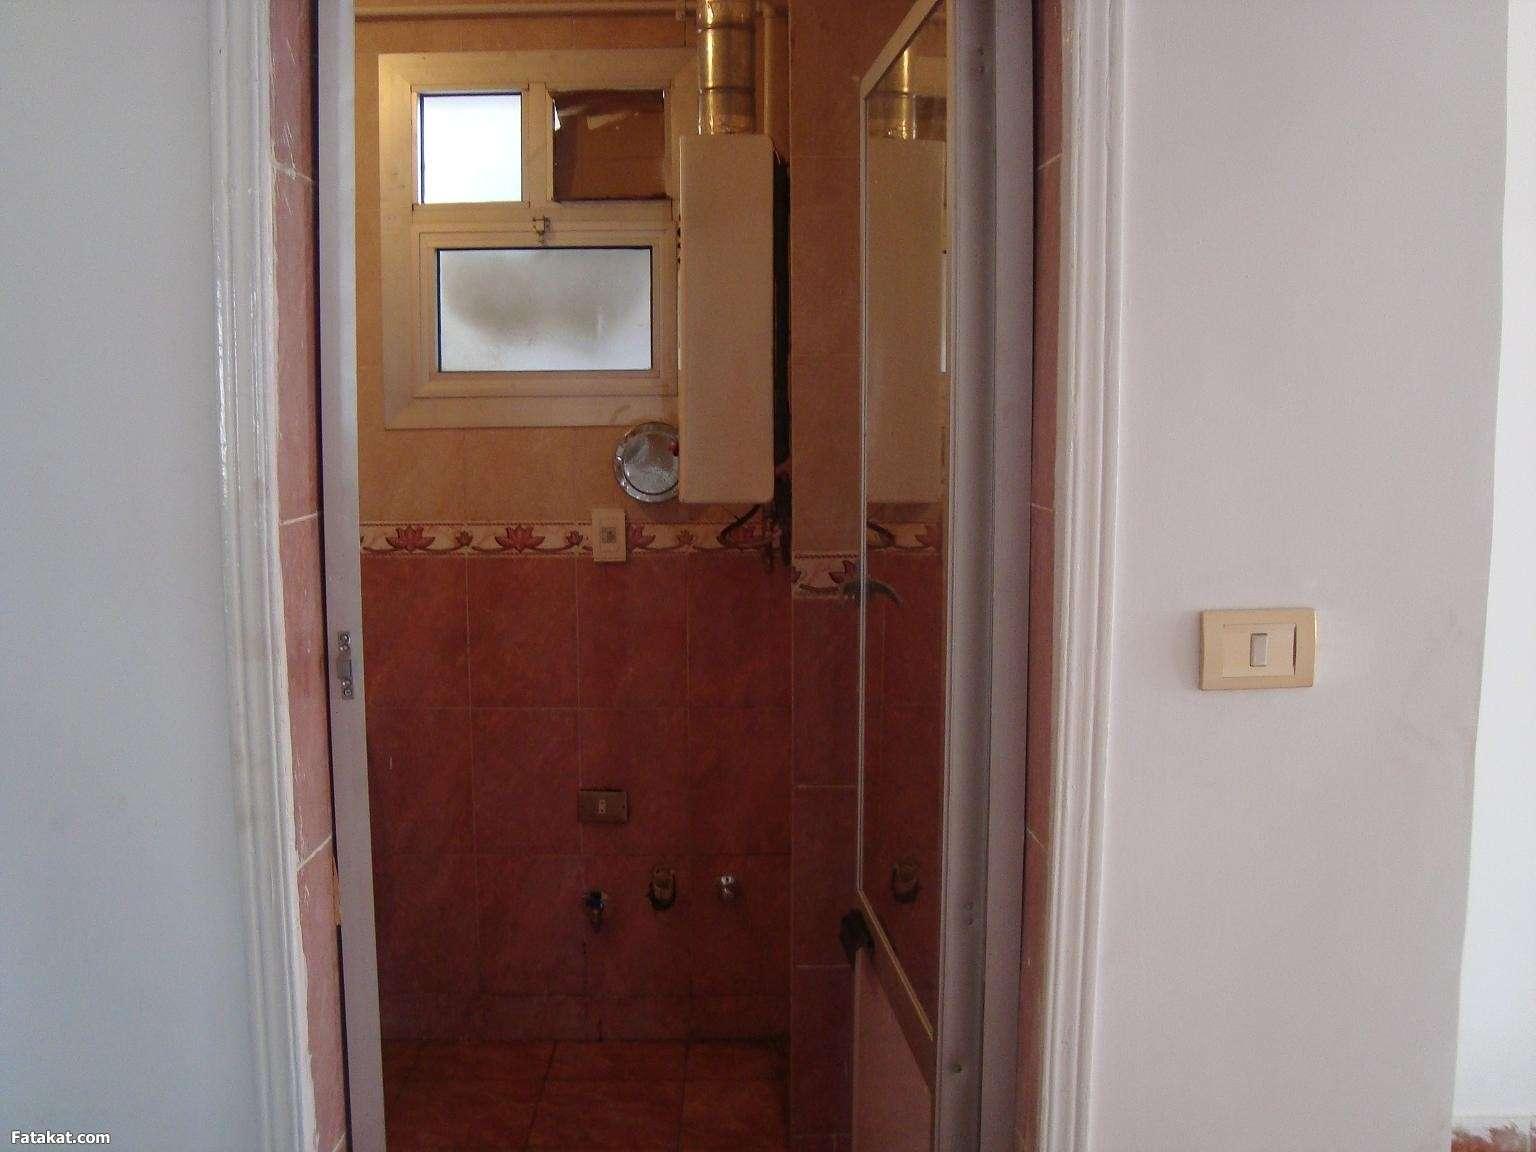 كل صور شقة الطوابق فيصل التحفة 13340205514151